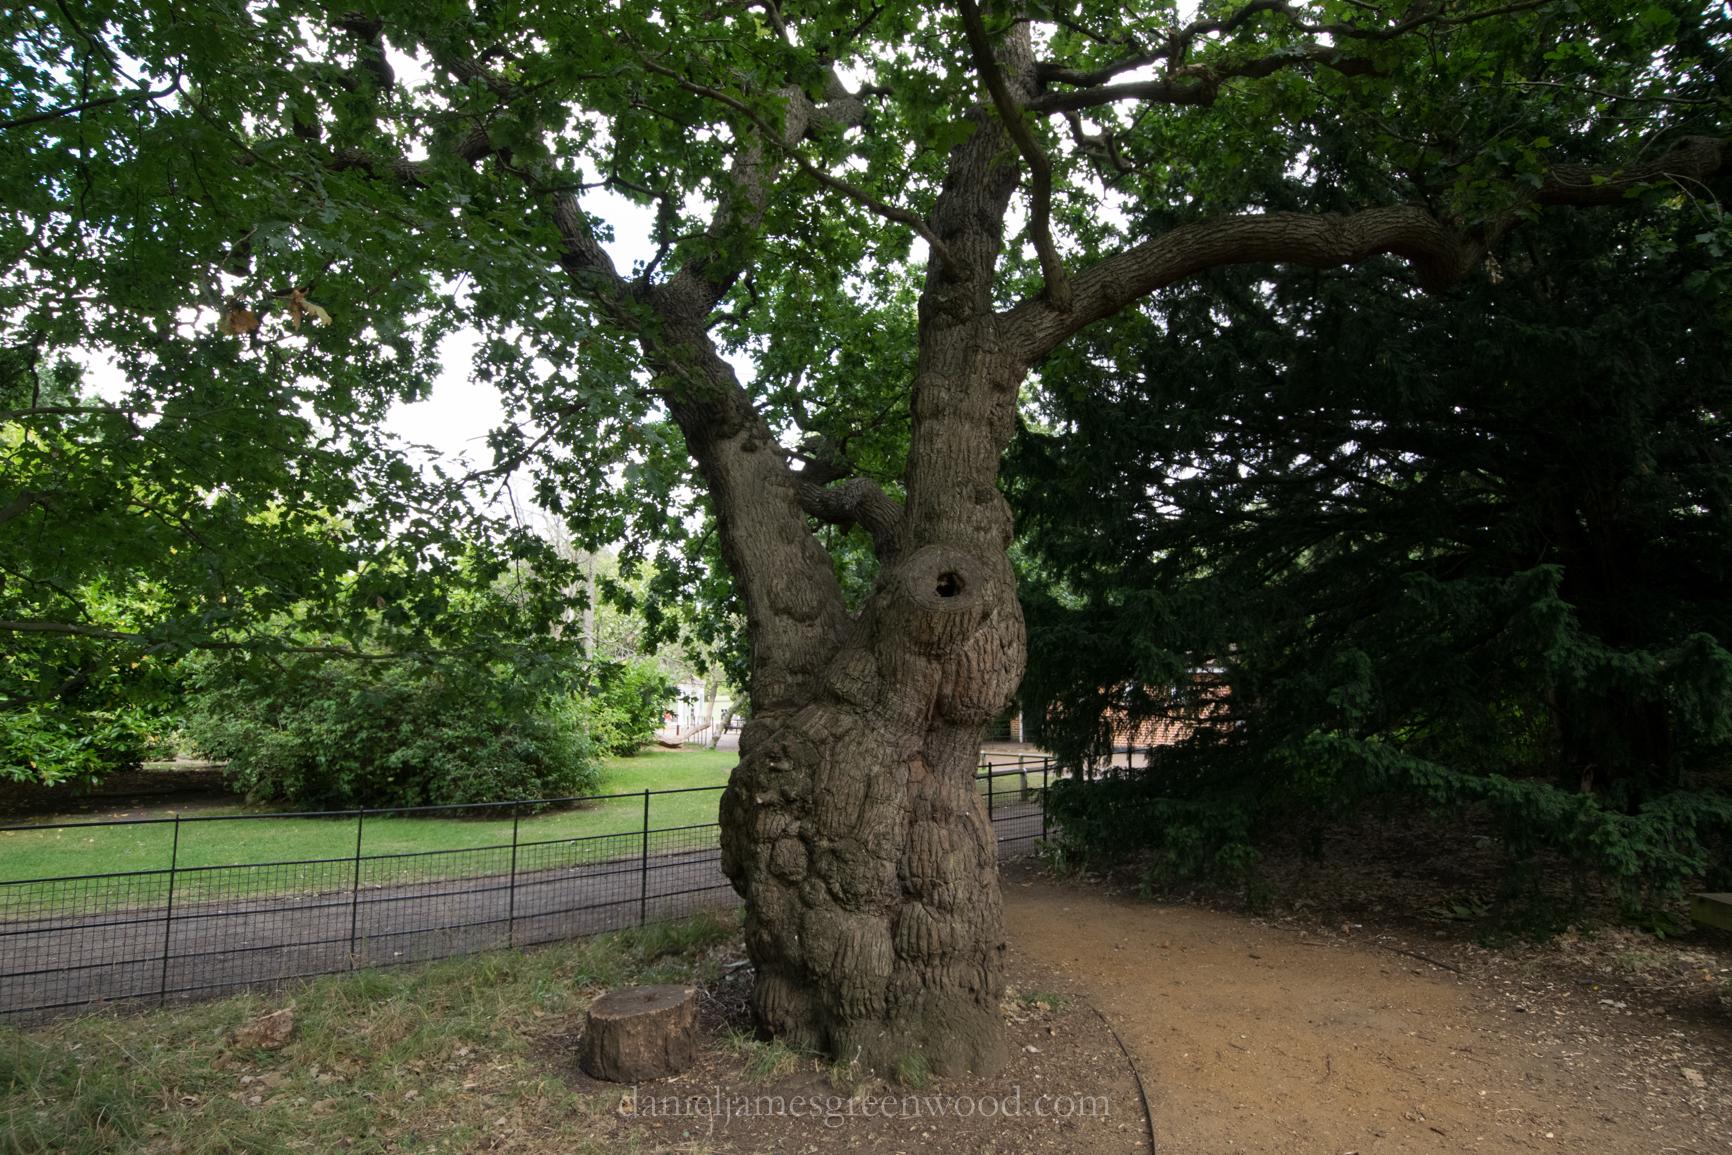 dulwich-park-oaks-22-8-16-lo-res-37